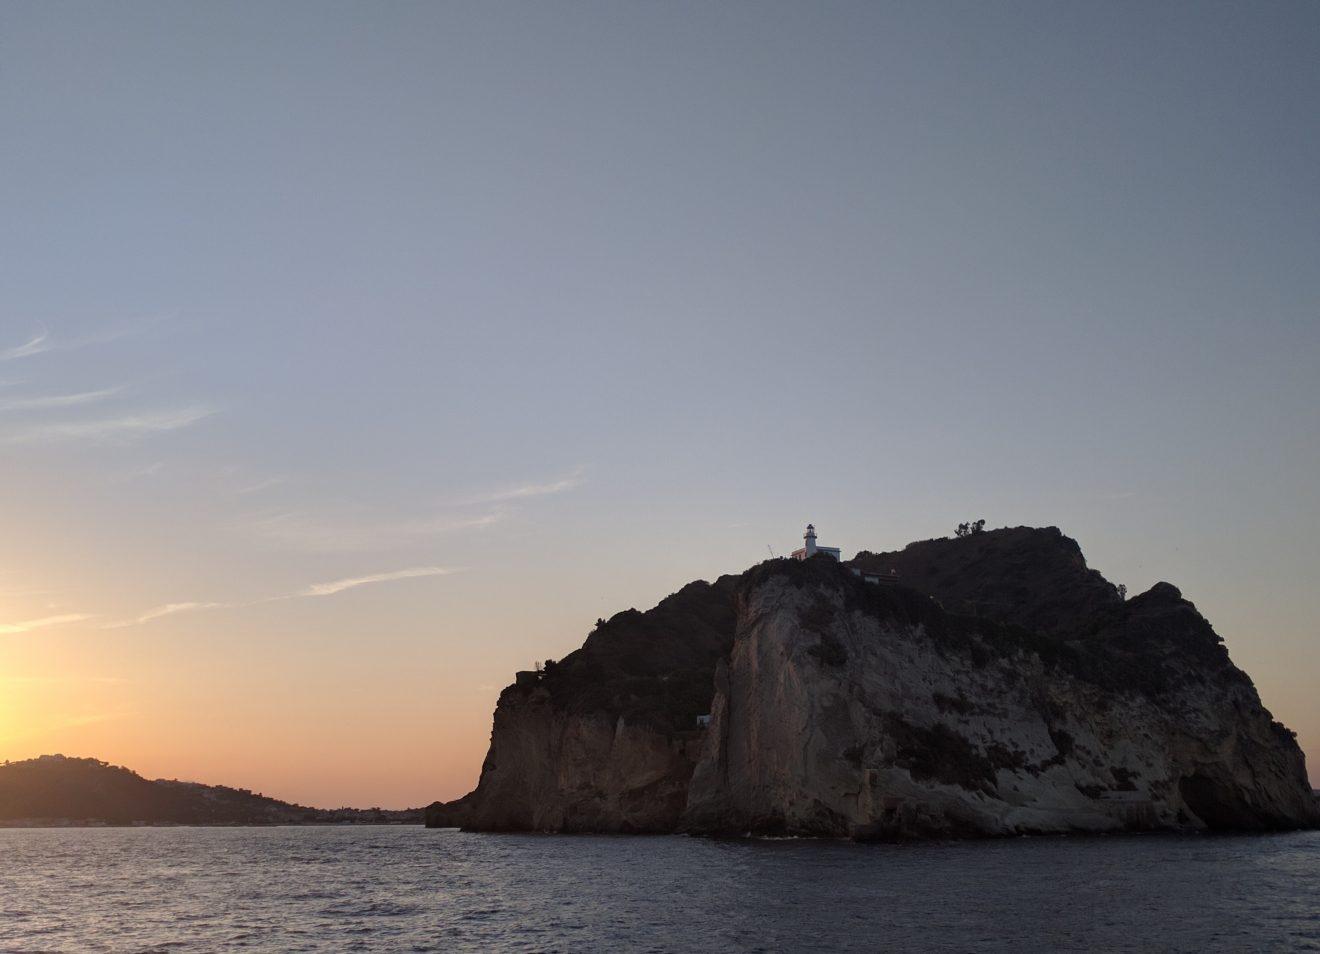 Eglise sur rocher le long de la côte amalfitaine